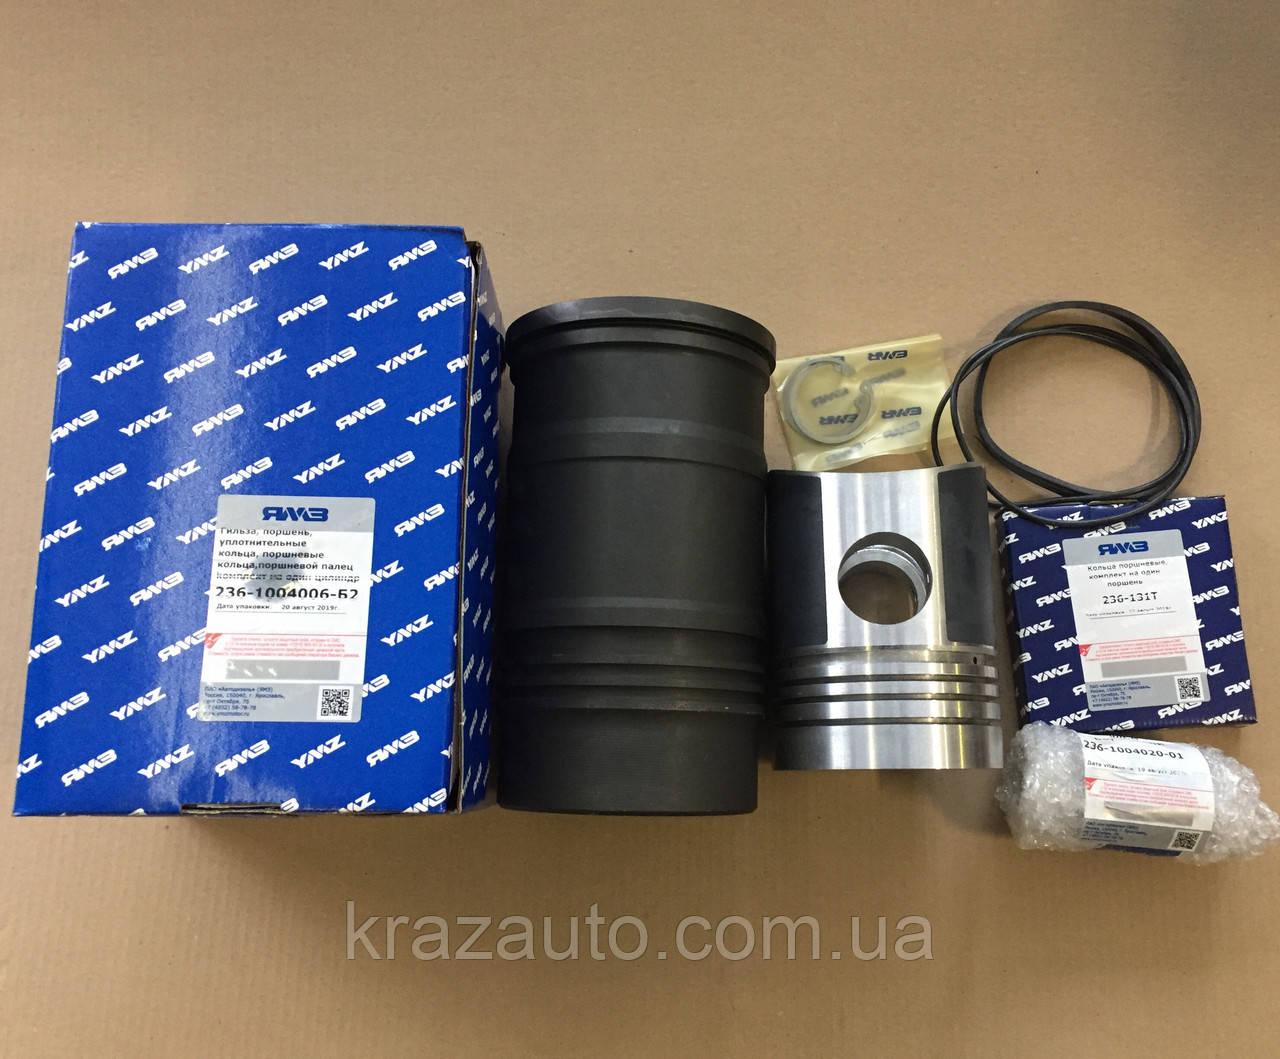 Гильзо-комплект ЯМЗ 236 (ГП+Кольца+Палец) (пр-во ЯМЗ) 236-1004006